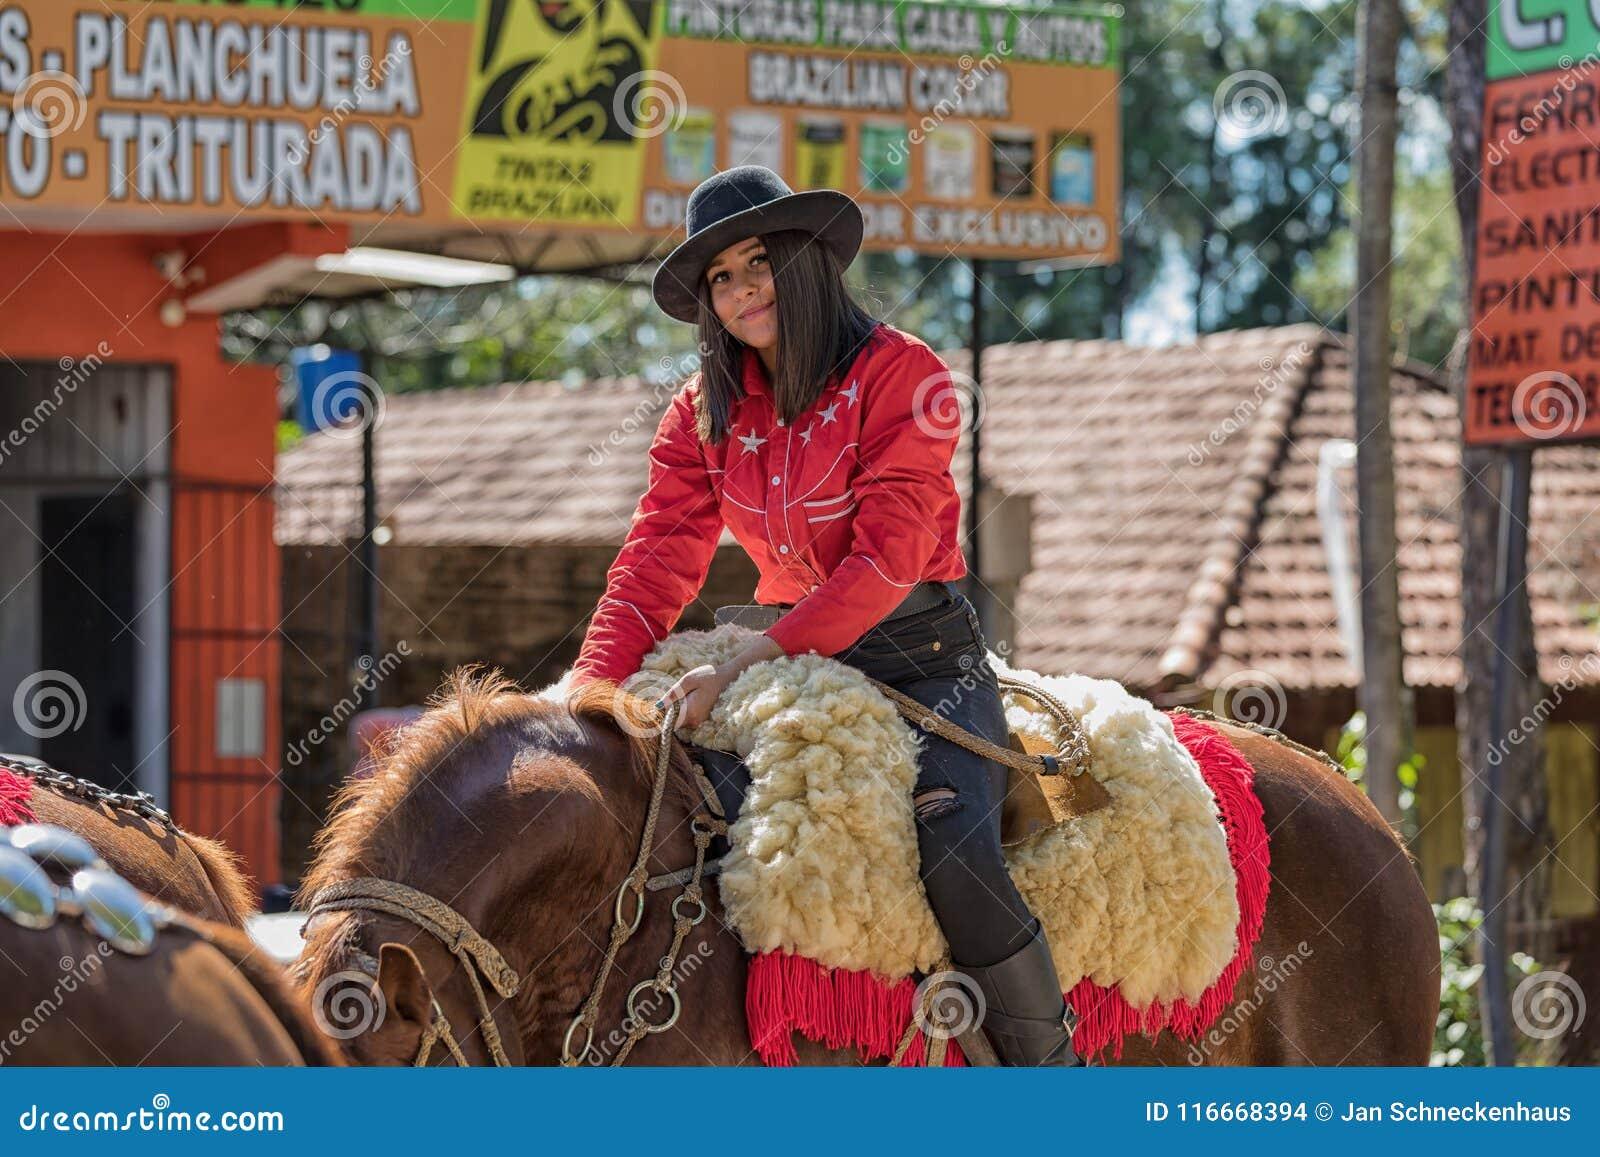 Colonia Independencia, Paraguay - 14. Mai 2018: Eine Schönheit reitet stolz ihr Pferd während des jährlichen Paraguayers Independ